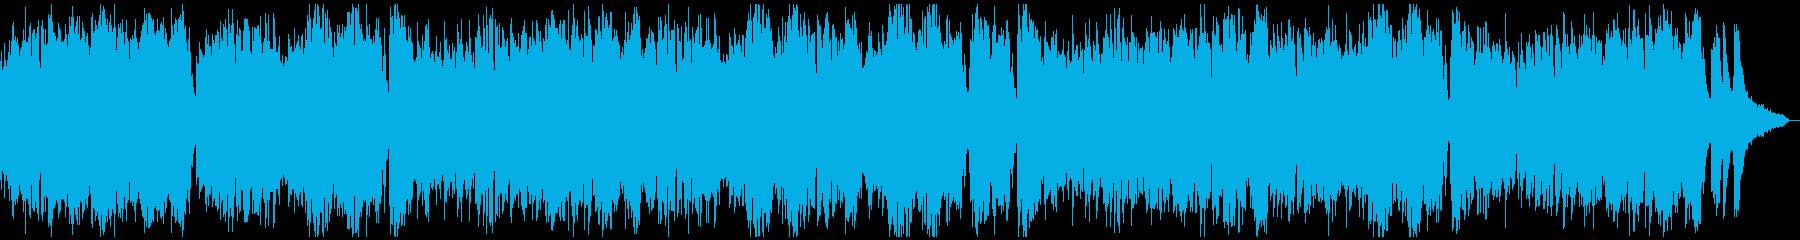 ★★現代音楽風タイムラプス用ピアノ★7分の再生済みの波形